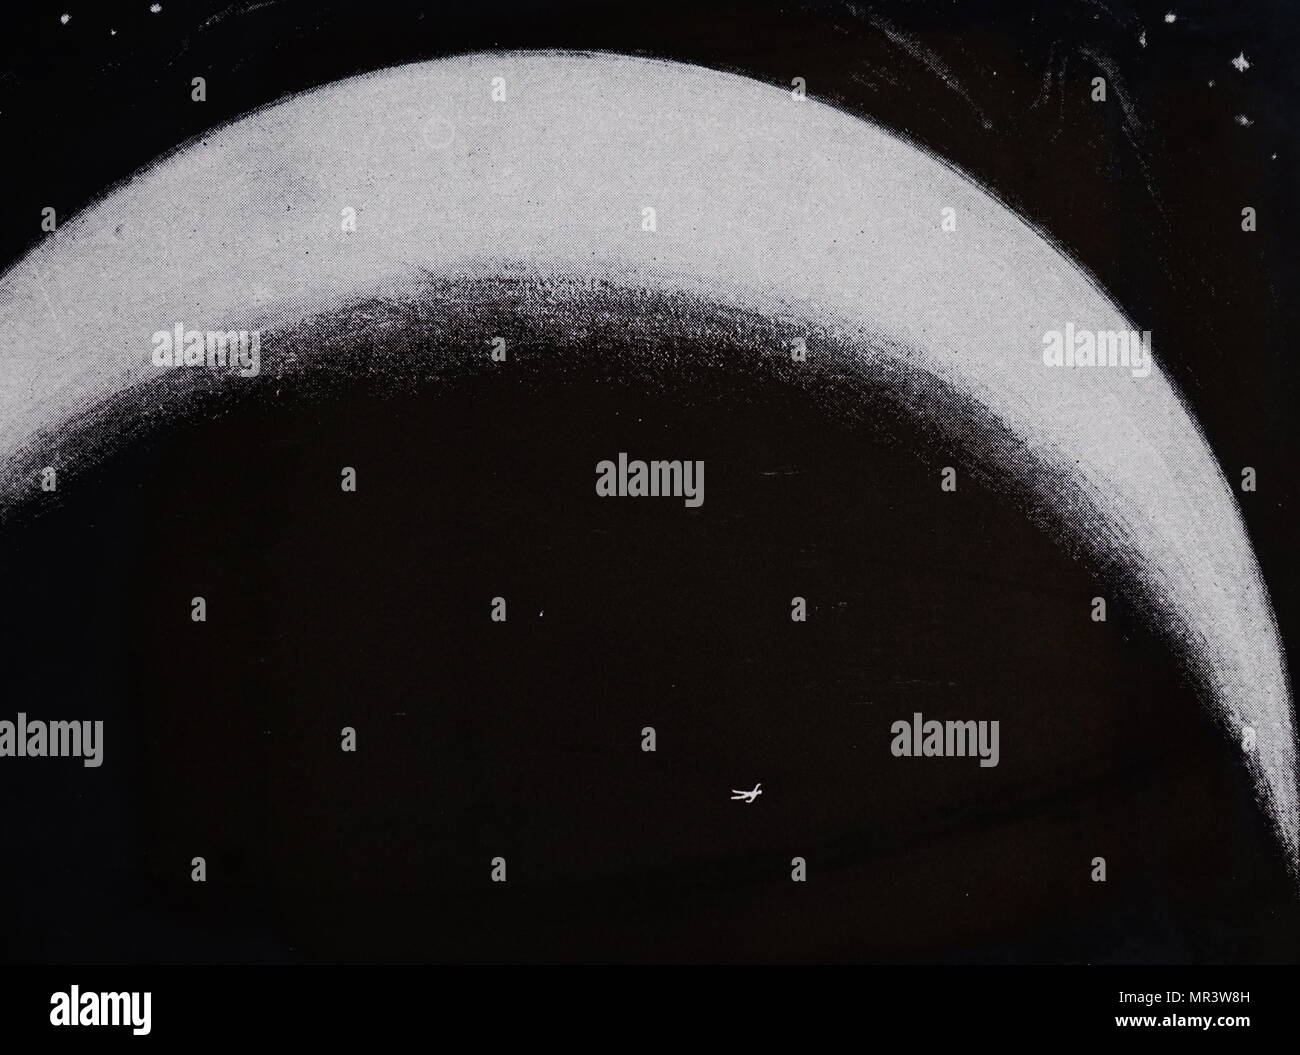 """Illuminato sagoma umana come visto da Marte. Idea per comunicare con gli abitanti di Marte illuminando una vasta area (diversi chilometri quadrati) di neve la sagoma di un uomo con lampade ad arco. L'articolo presuppone che Marte è abitato da esseri intelligenti a causa del """"canali"""" - e dato che siamo in grado di vedere Diemos e Phobos attraverso i nostri telescopi il marziano gli astronomi sarebbe vedere la figura gigantesca come illustrato. Datata del XIX secolo Immagini Stock"""